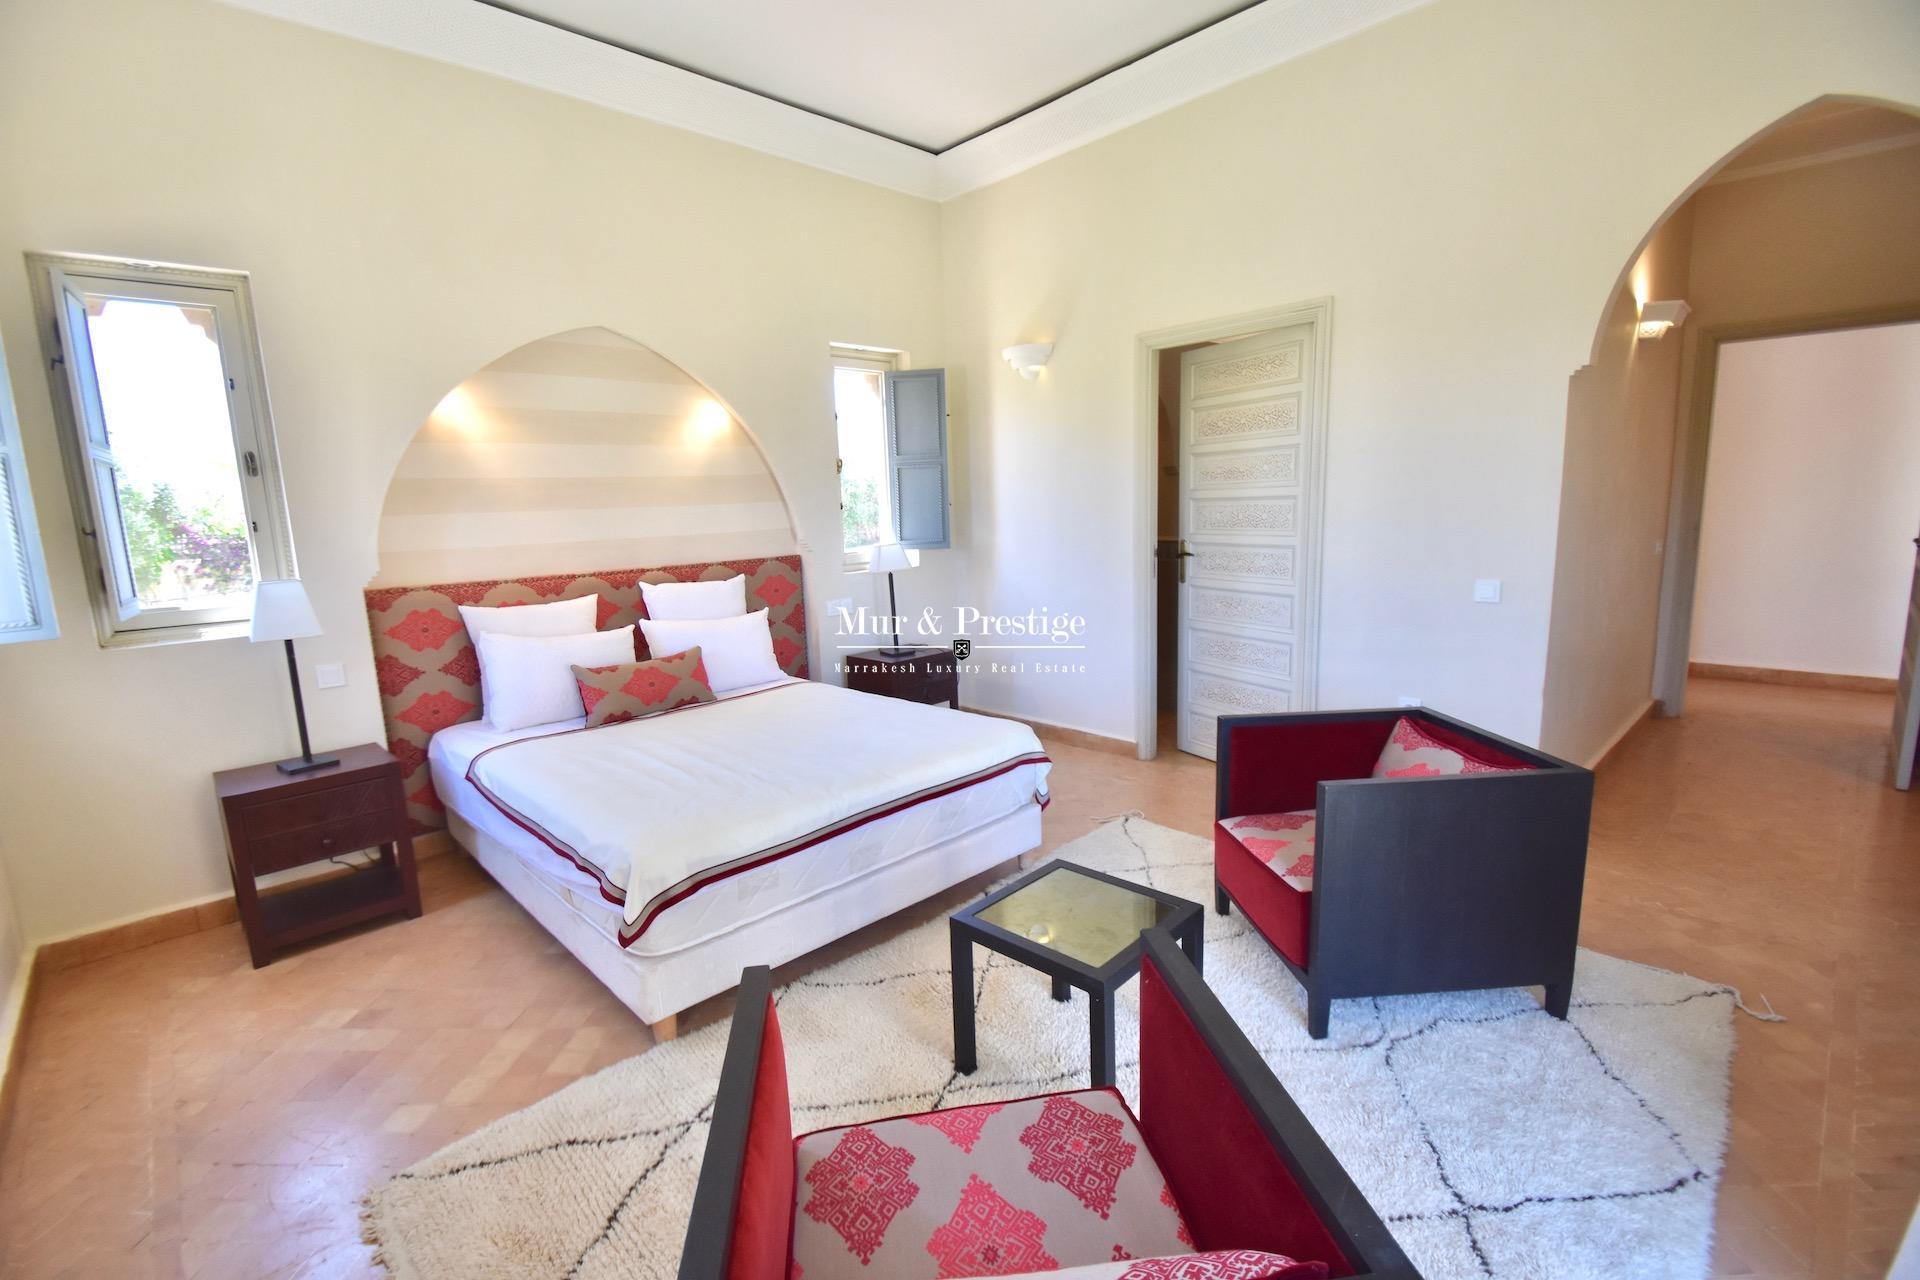 Maison à vendre à Marrakech au design marocain